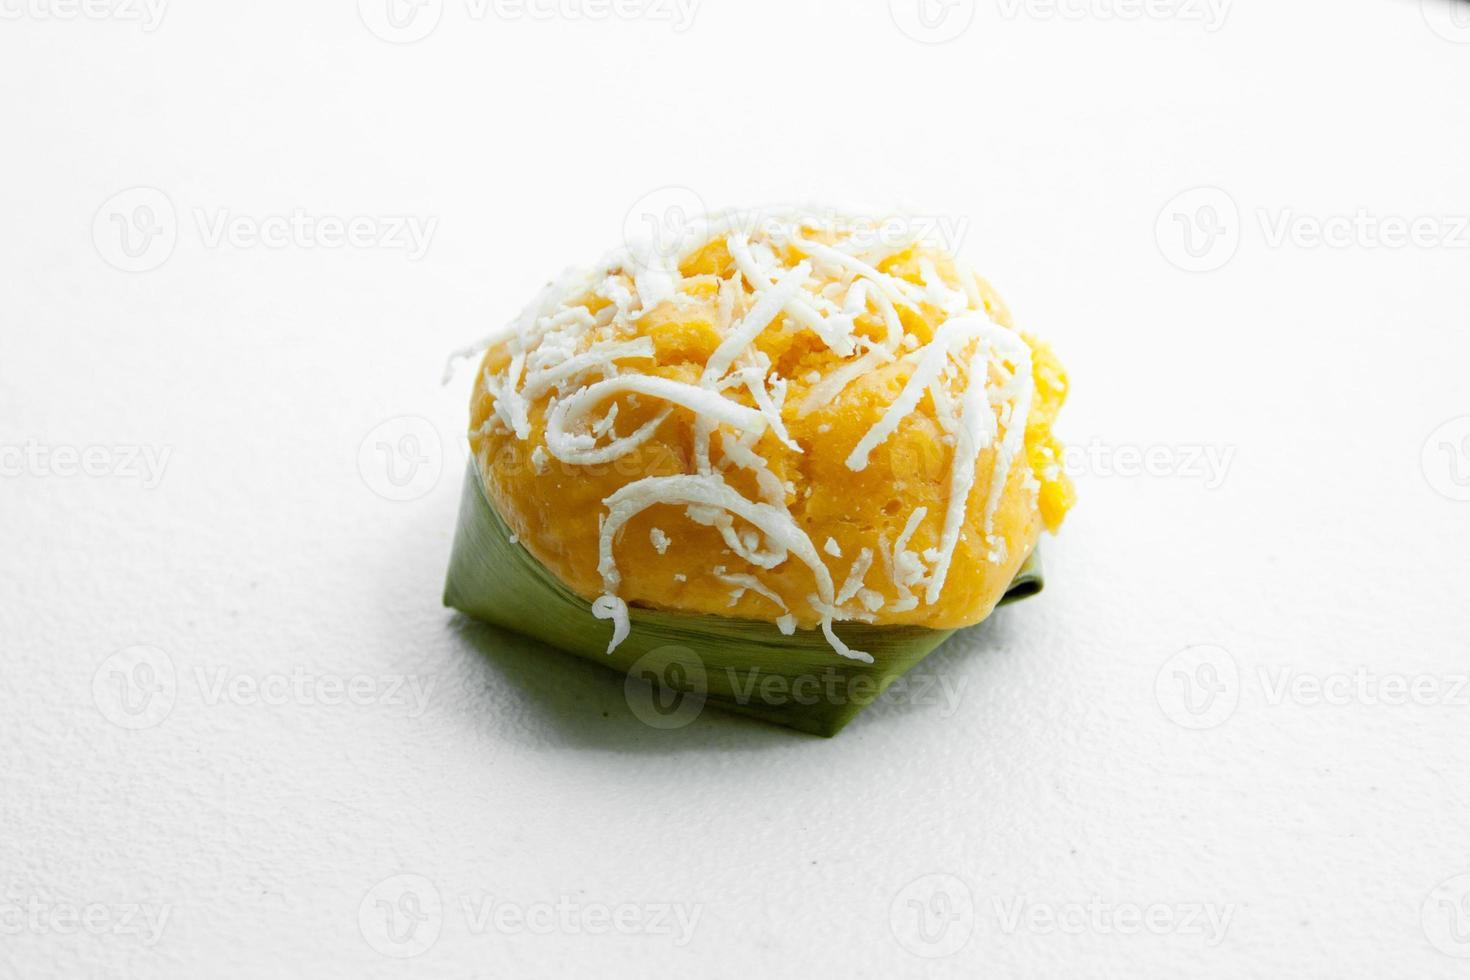 dessert thaï gâteau sucré au sucre de palme et noix de coco photo